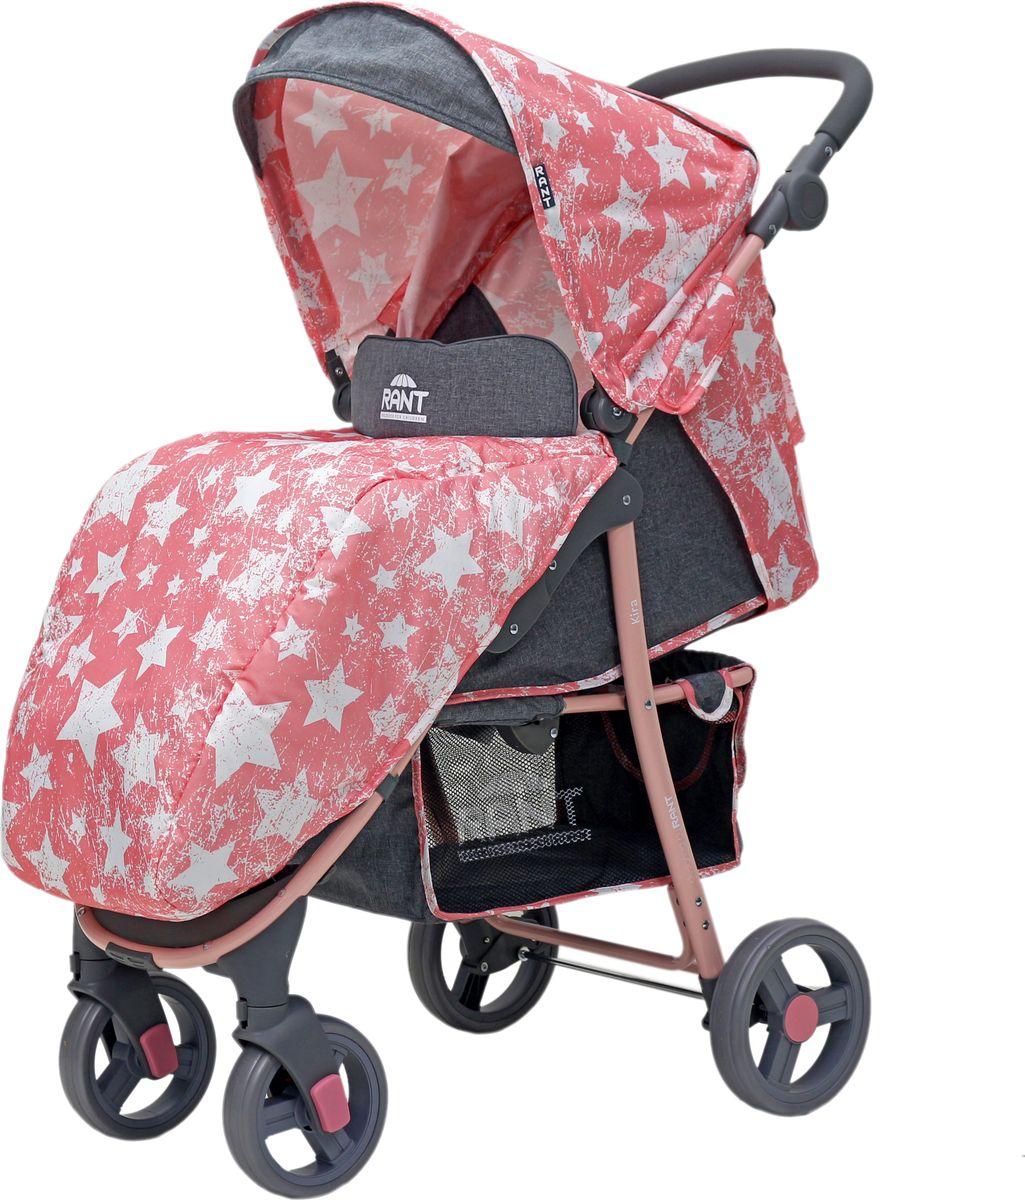 Rant Коляска прогулочная Kira Plus Stars цвет розовый